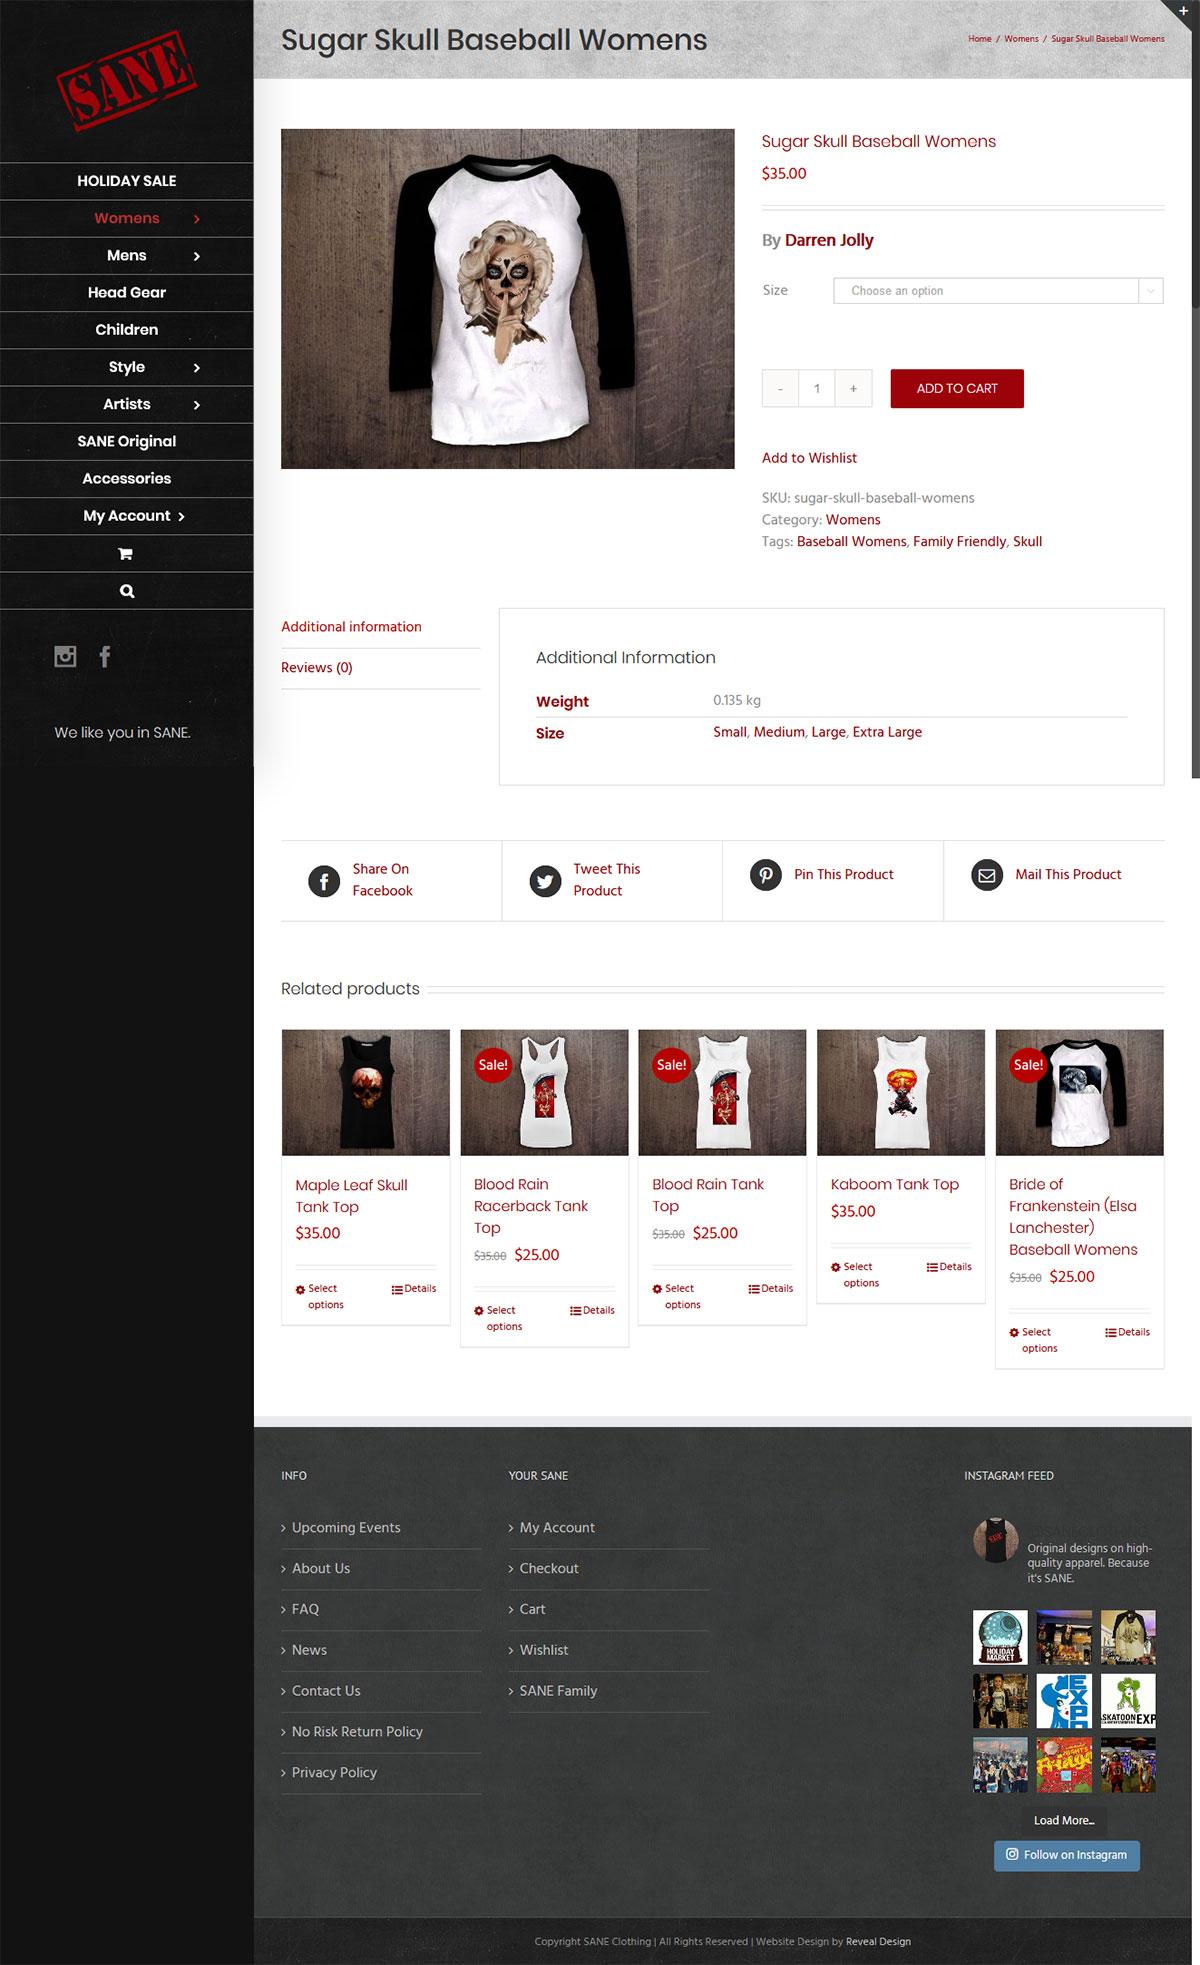 SANE Clothing Website Product